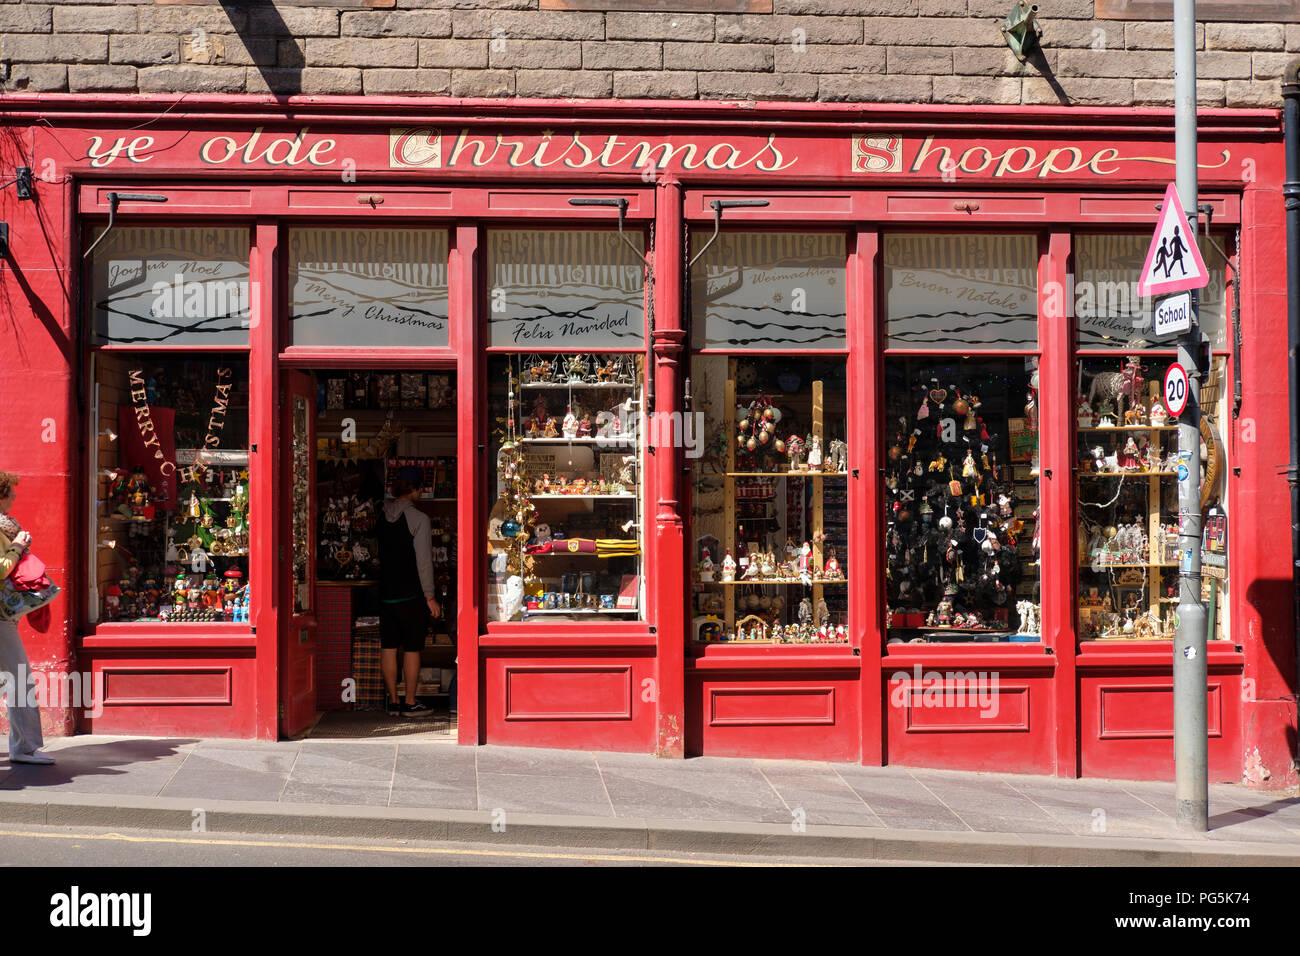 Ye Olde Weihnachten Shoppe, ein das ganze Jahr über Weihnachten Shop ...